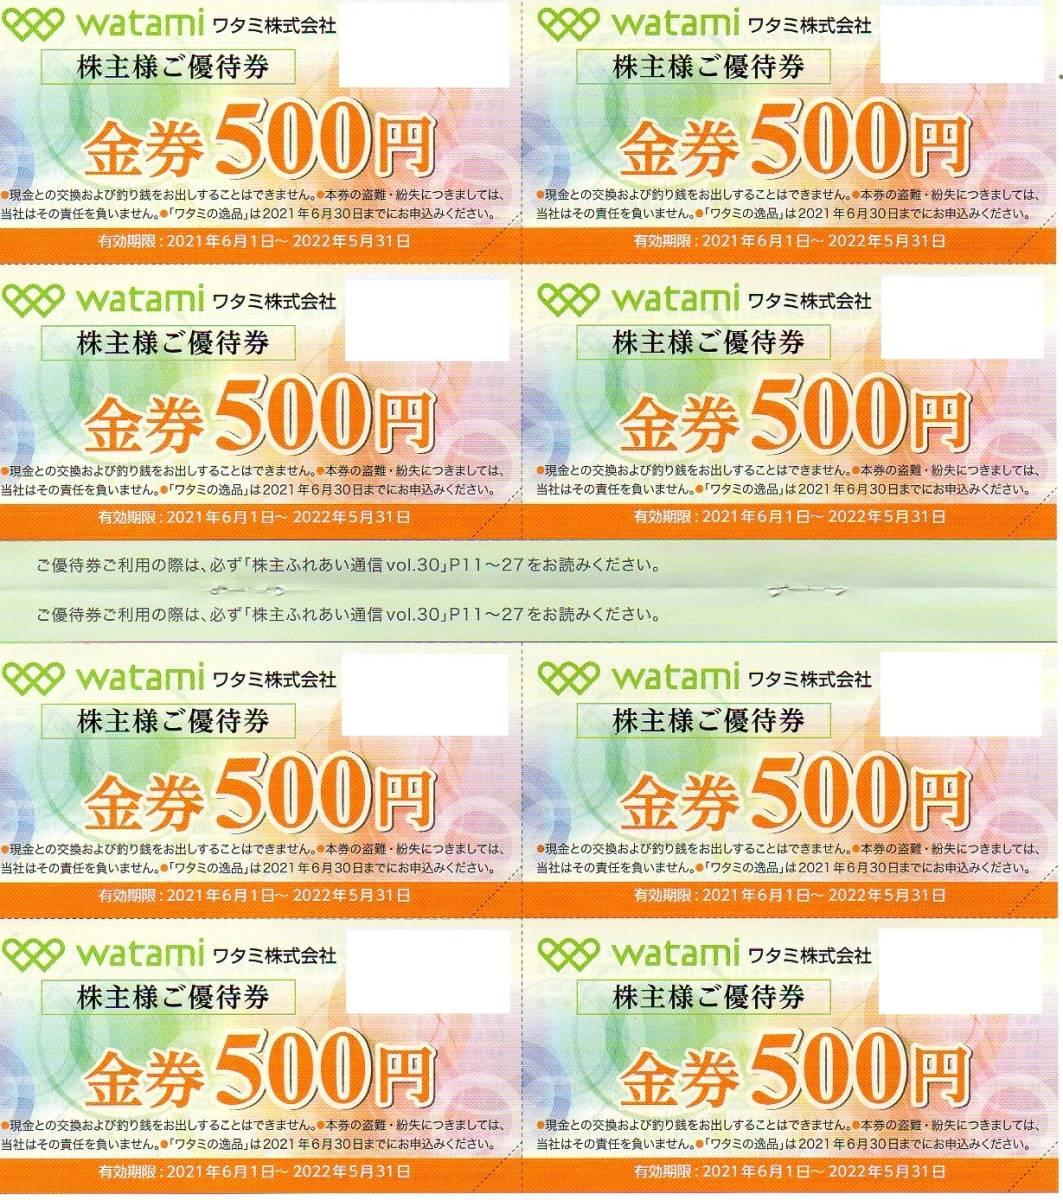 ワタミ株主優待券 4000円分(500円券x8) 【有効期限2021年6月1日~2022年5月31日まで】 _画像1